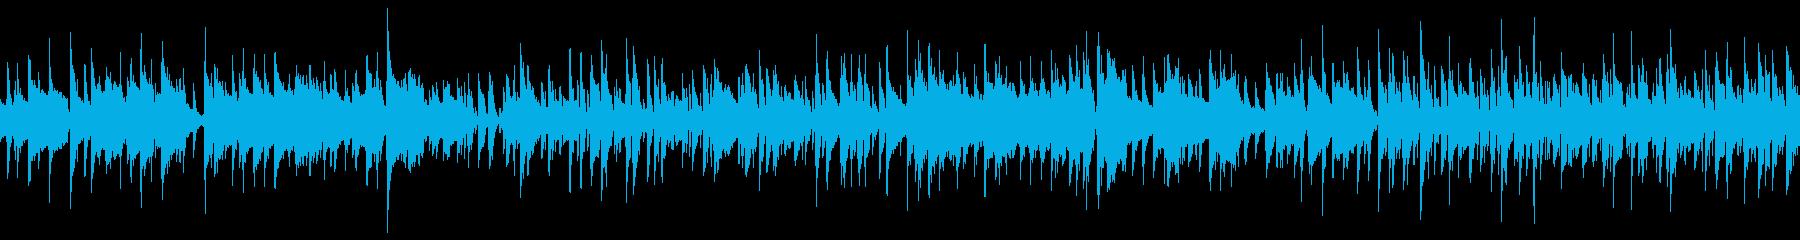 待機シーンのBGM (ループ仕様)の再生済みの波形